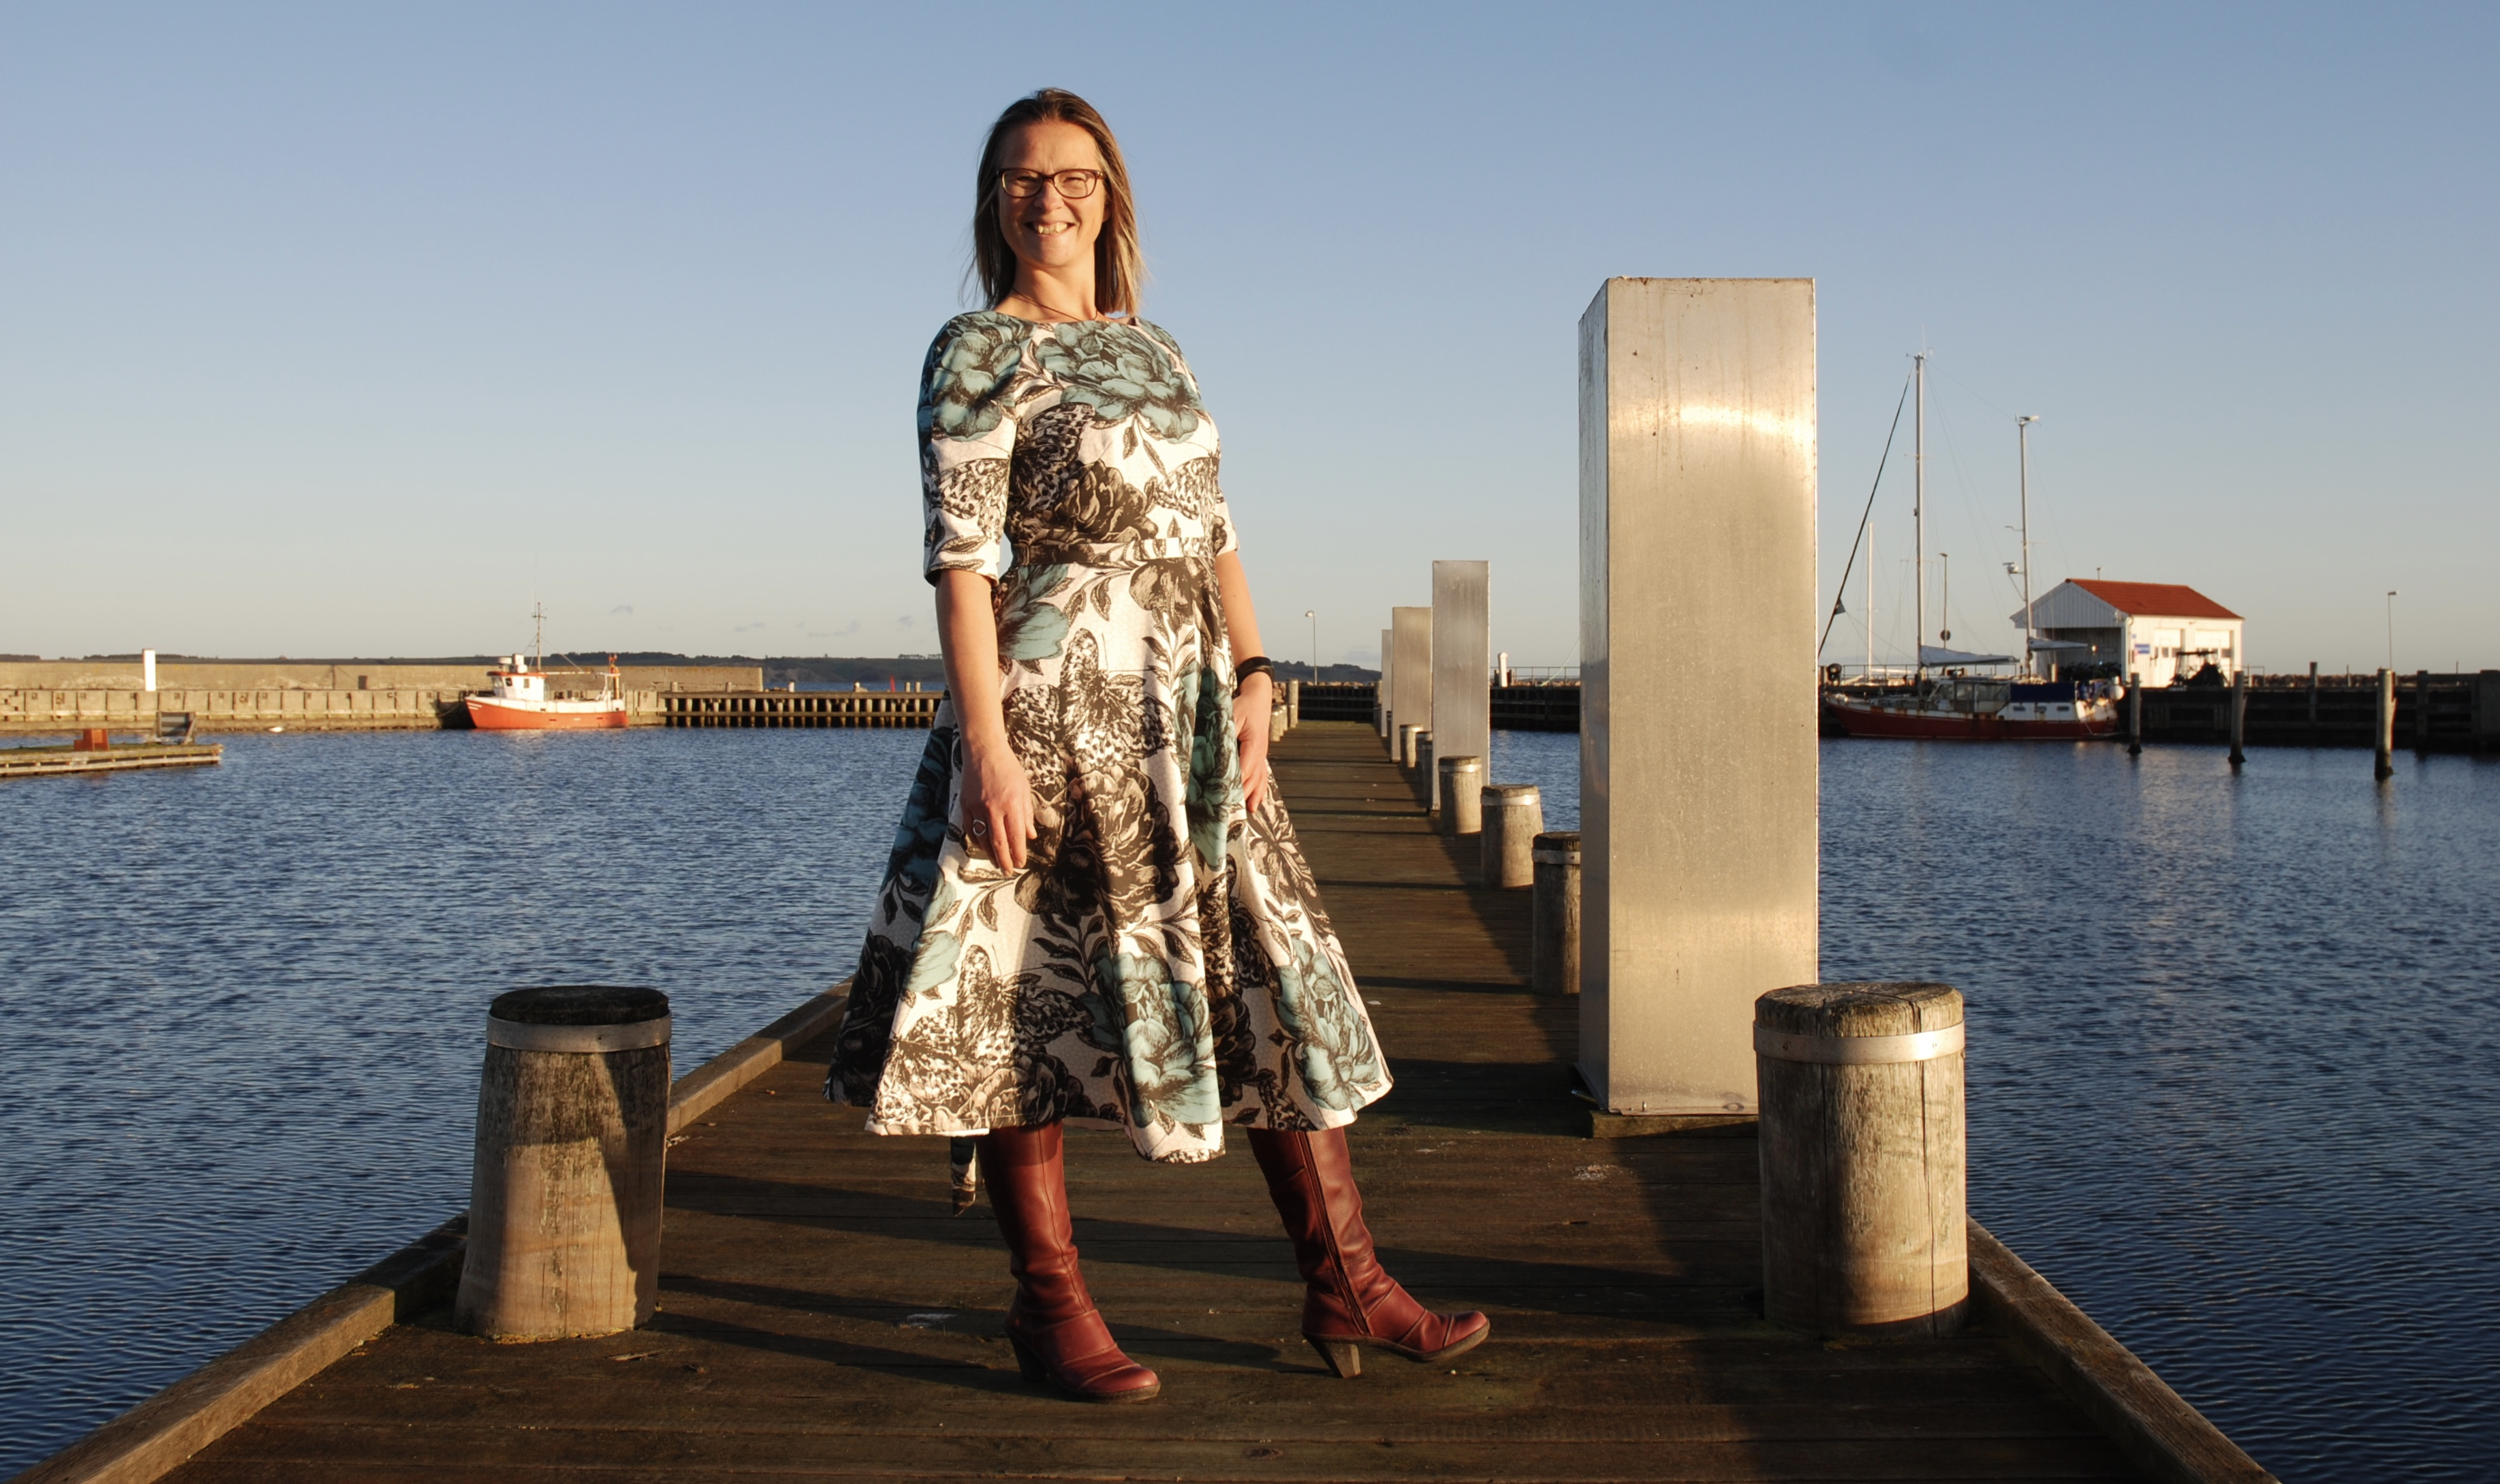 Lavendula Eliqu sewing pdfpattern dress